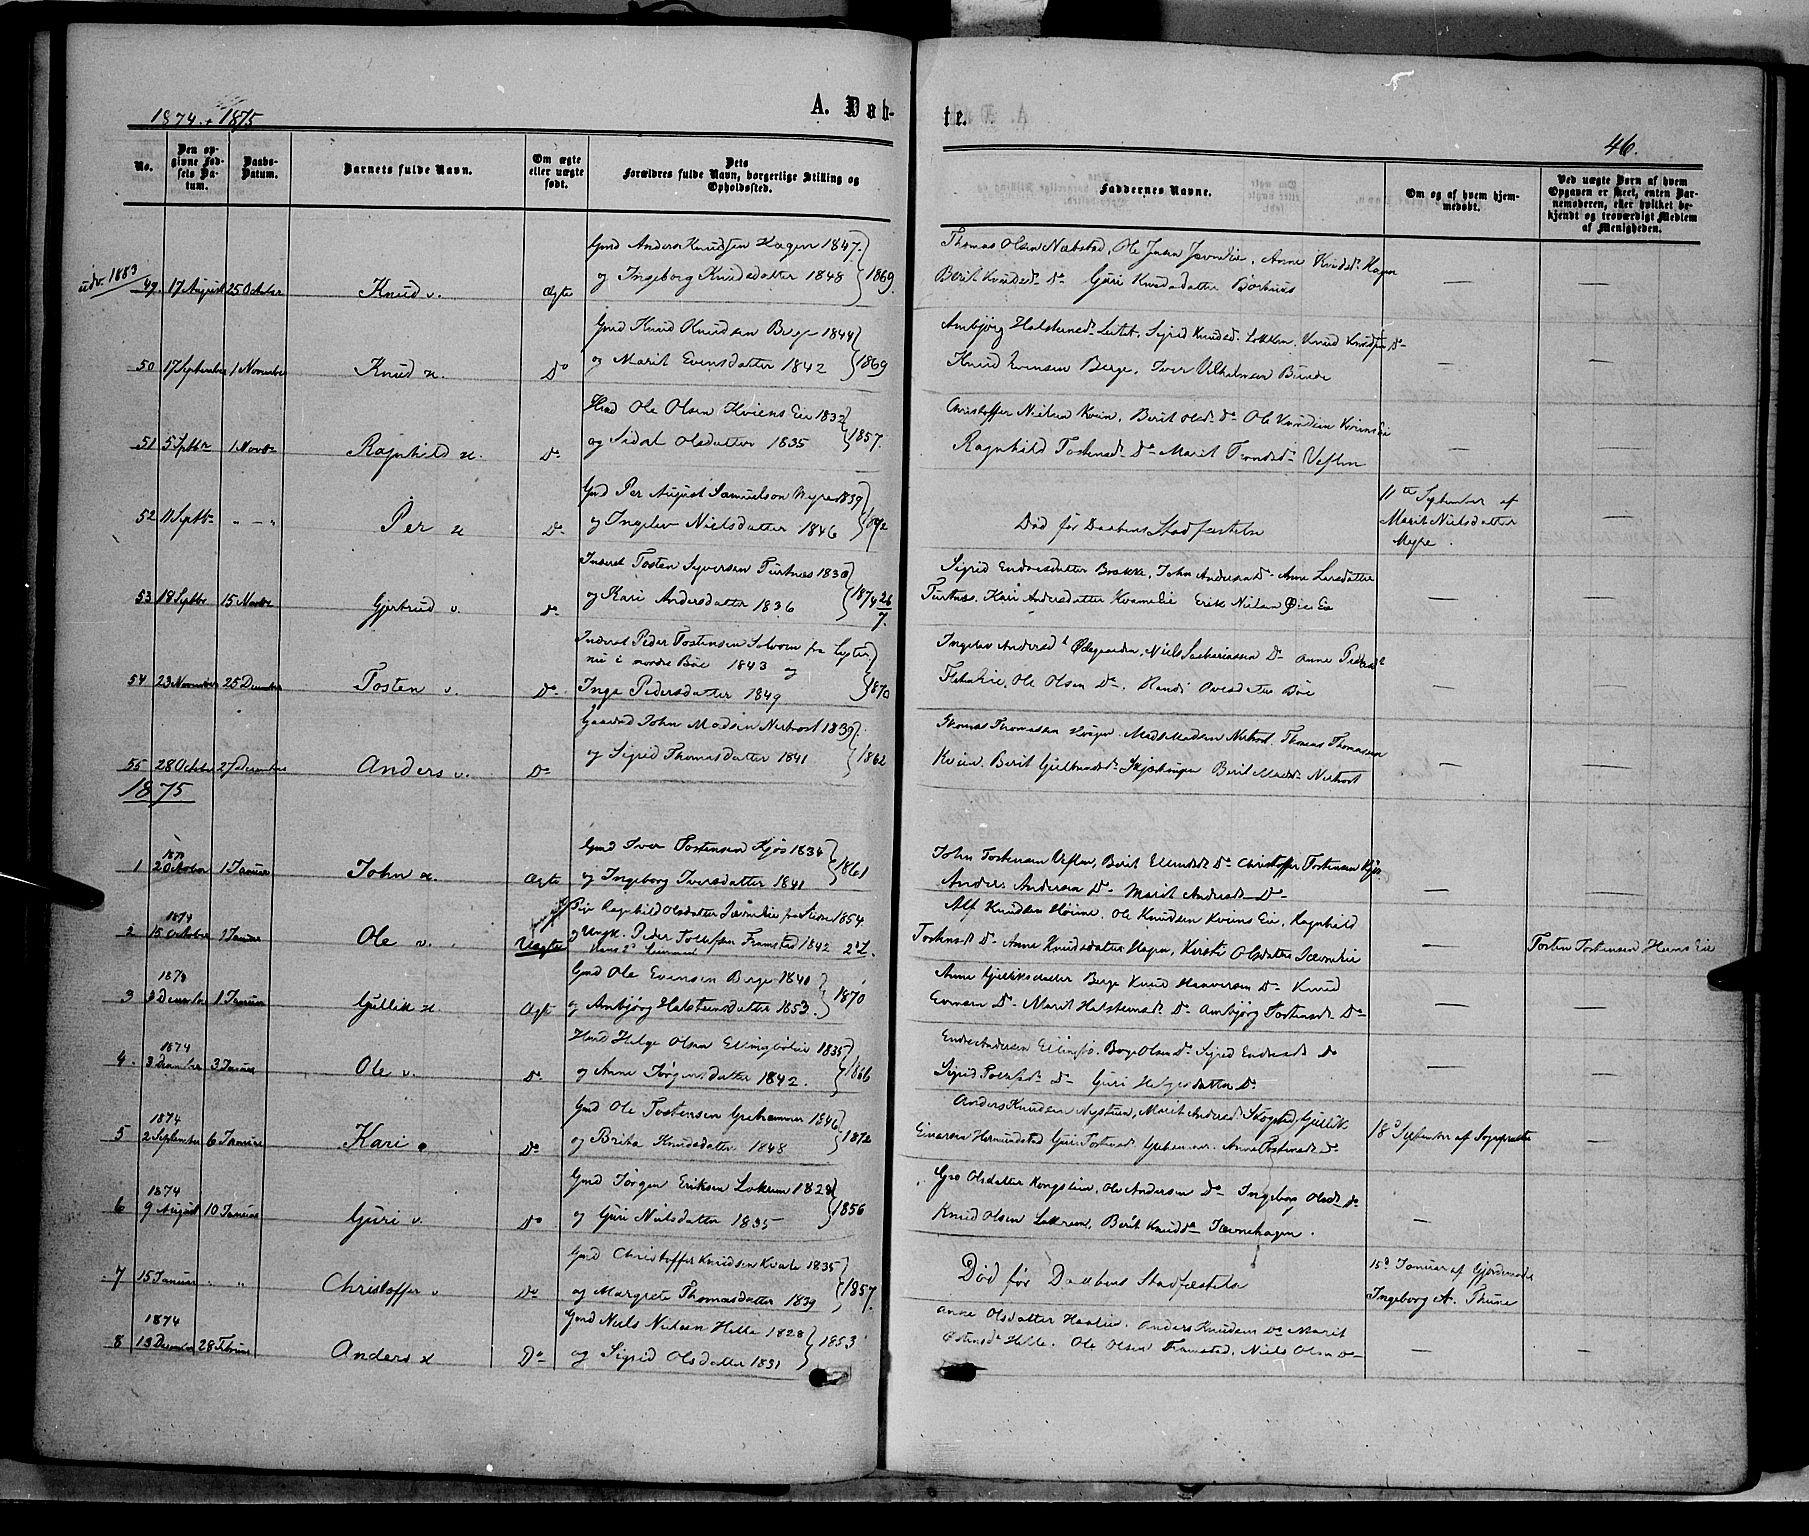 SAH, Vang prestekontor, Valdres, Ministerialbok nr. 7, 1865-1881, s. 46